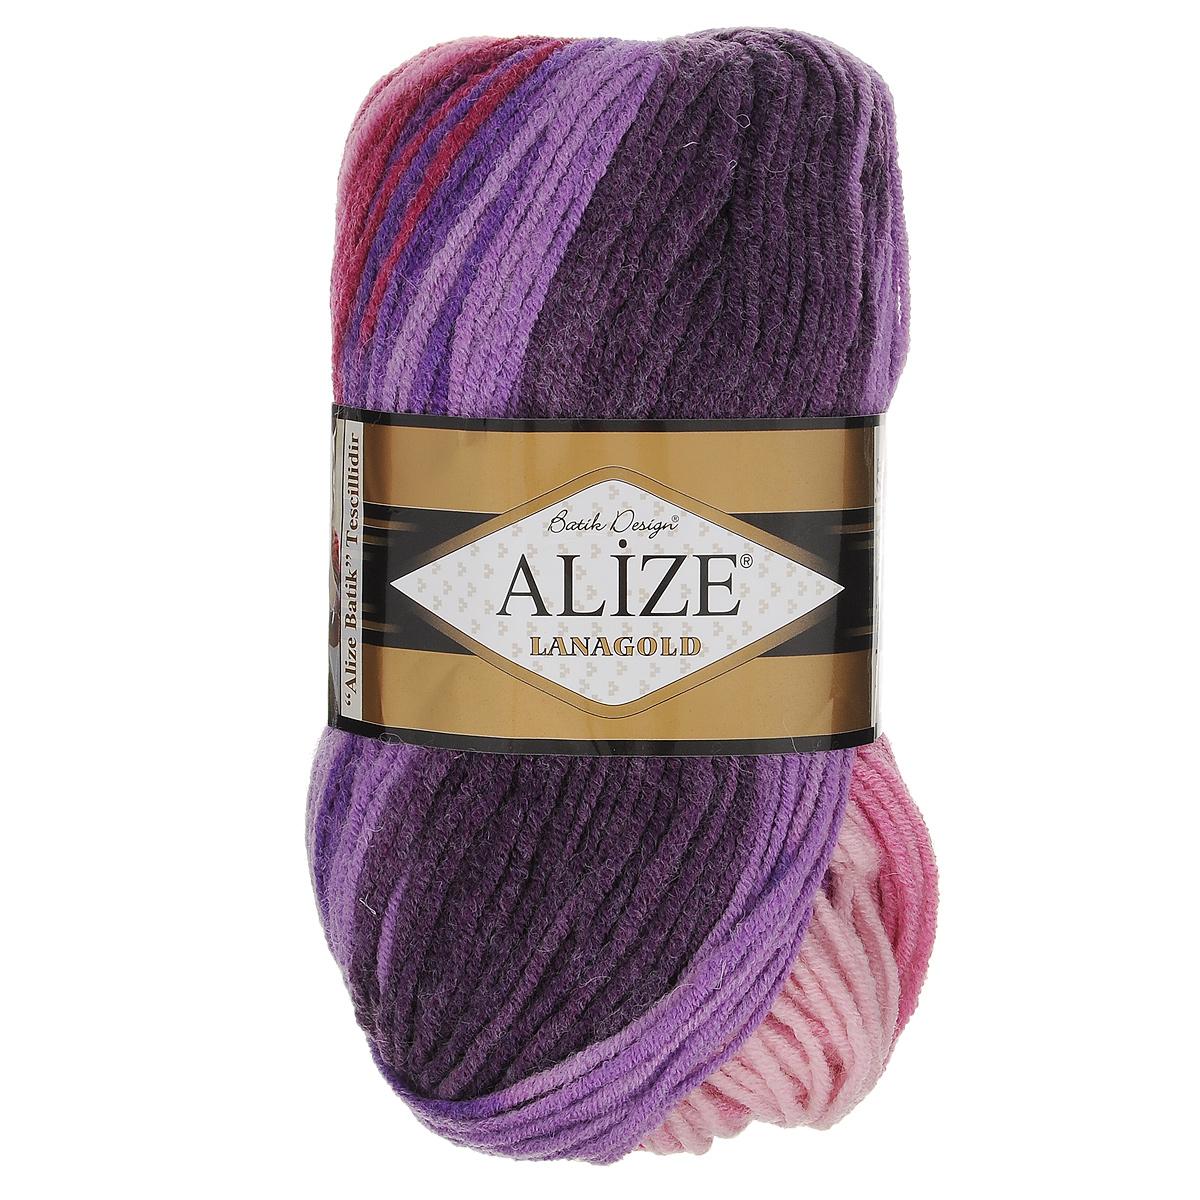 Пряжа для вязания Alize Lanagold Batik Design, цвет: фиолетовый, бордовый, розовый (1739), 240 м, 100 г, 5 шт364096_1739Полушерстяная пряжа Lanagold Batik Design - настоящая зимняя классика. Изделия из такой пряжи отлично поднимает настроение разнообразием своих красок. Большой выбор вариантов меланжевых расцветок позволяет создавать от веселых детских шапочек до элегантных женских пончо и солидных мужских пуловеров. С пряжей Lanagold Batik Design не требуется вывязывания узоров высокой сложности, так как пряжа эта отлично смотрится в любых косах и даже в простой чулочной вязке. Благодаря секционно окрашенной нити изделия получаются весьма оригинальными, стильными и нарядными. Кроме того, пряжа удобна в работе: средней толщины ниточка плотно скручена, упругая, гладкая, легко ложится и не слоится - с ней даже неопытная рукодельница справится без труда. Рекомендуемый размер спиц: №4-6 мм. Состав: 51% акрил, 49% шерсть.